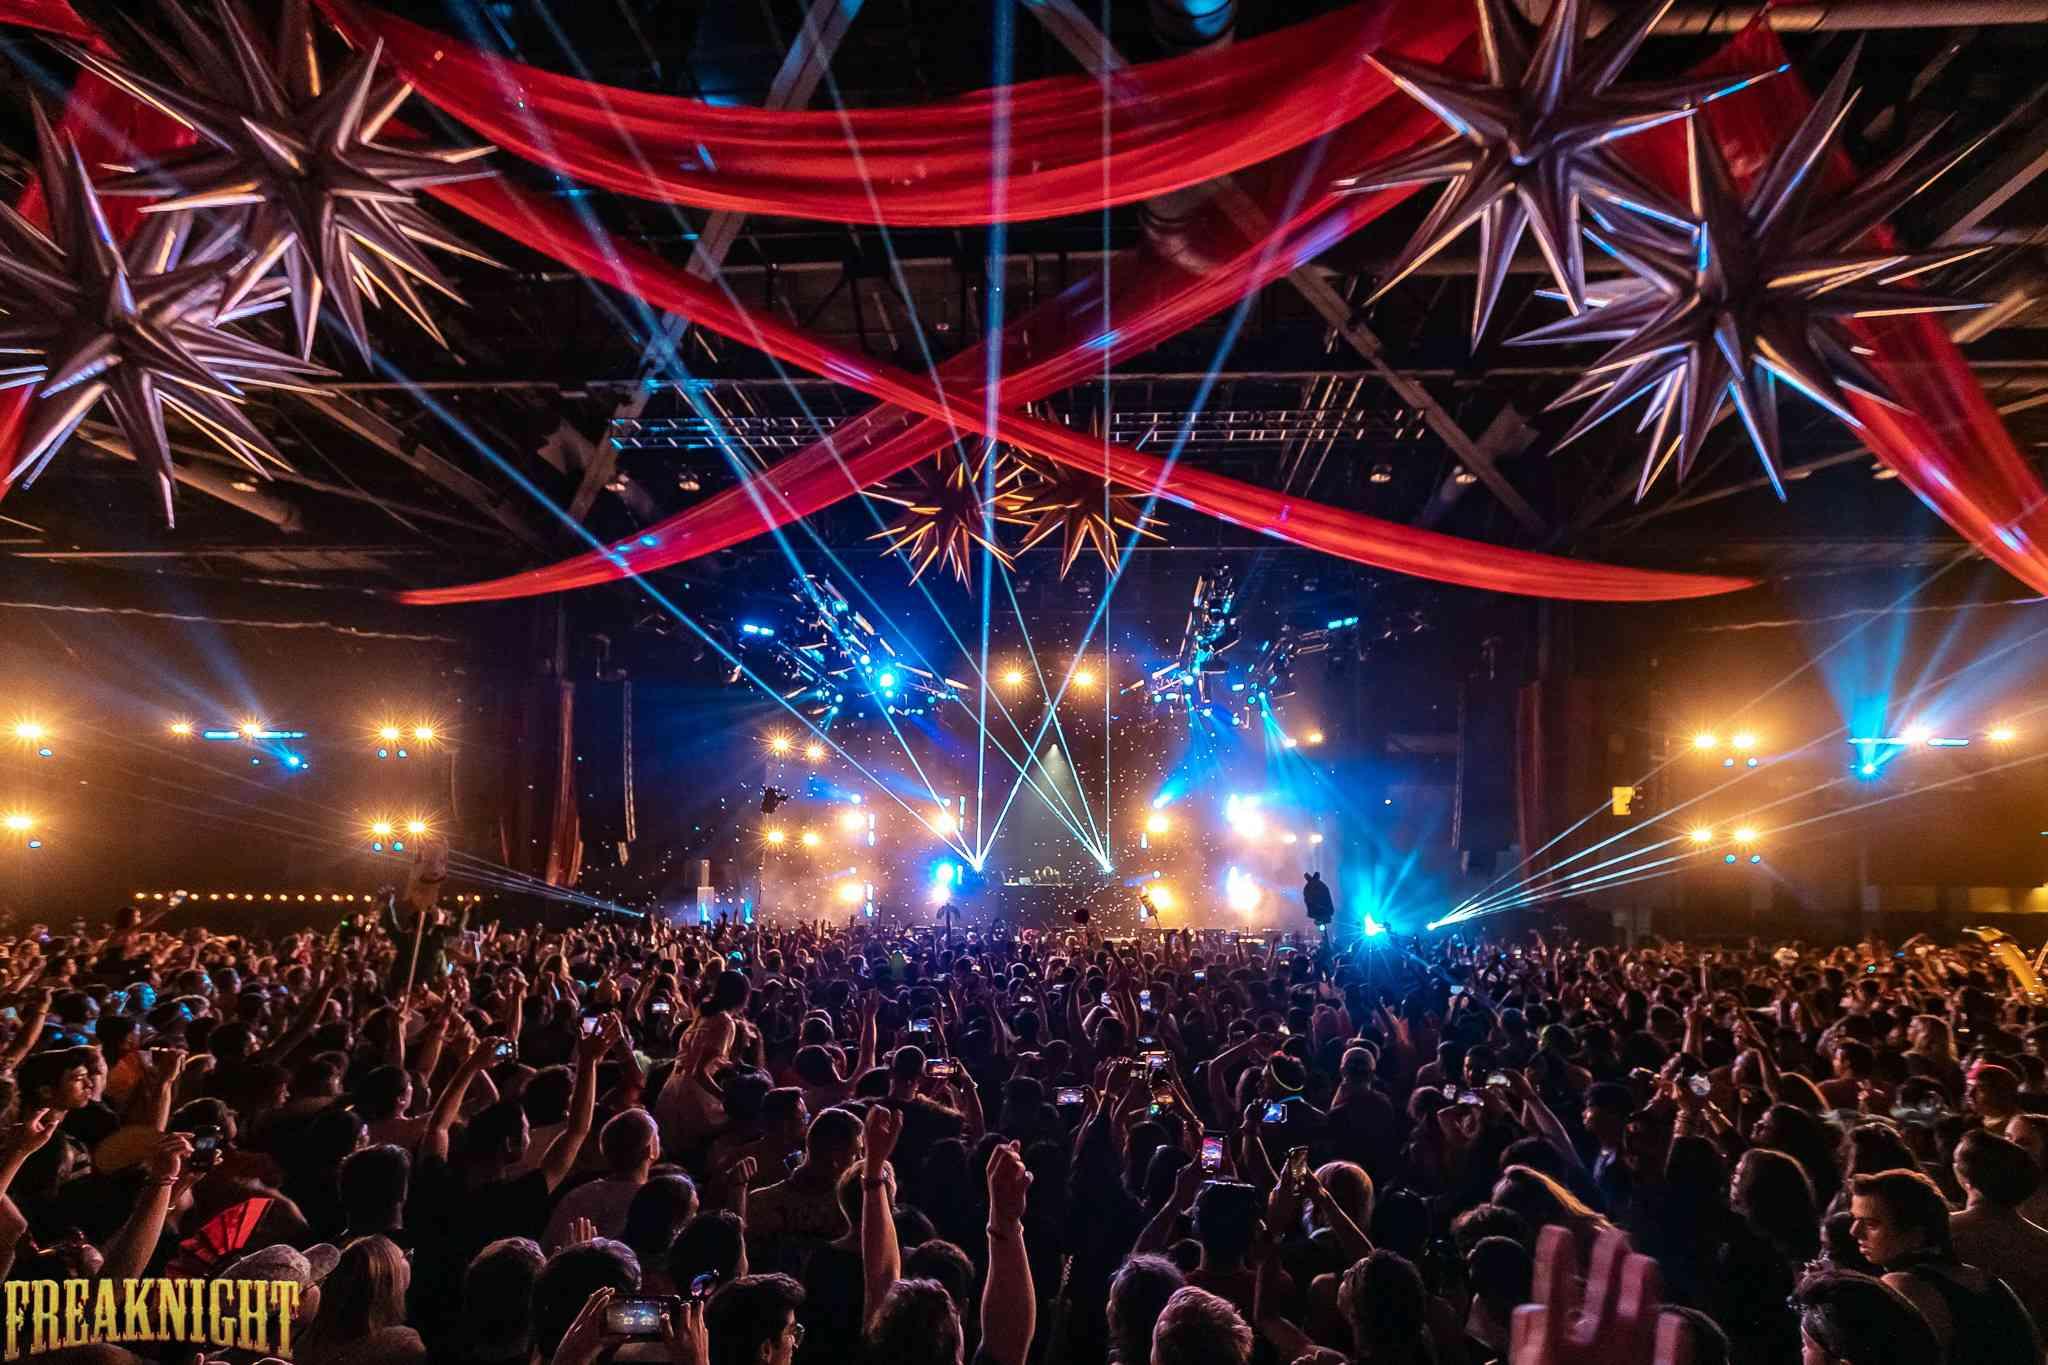 FreakNight Festival